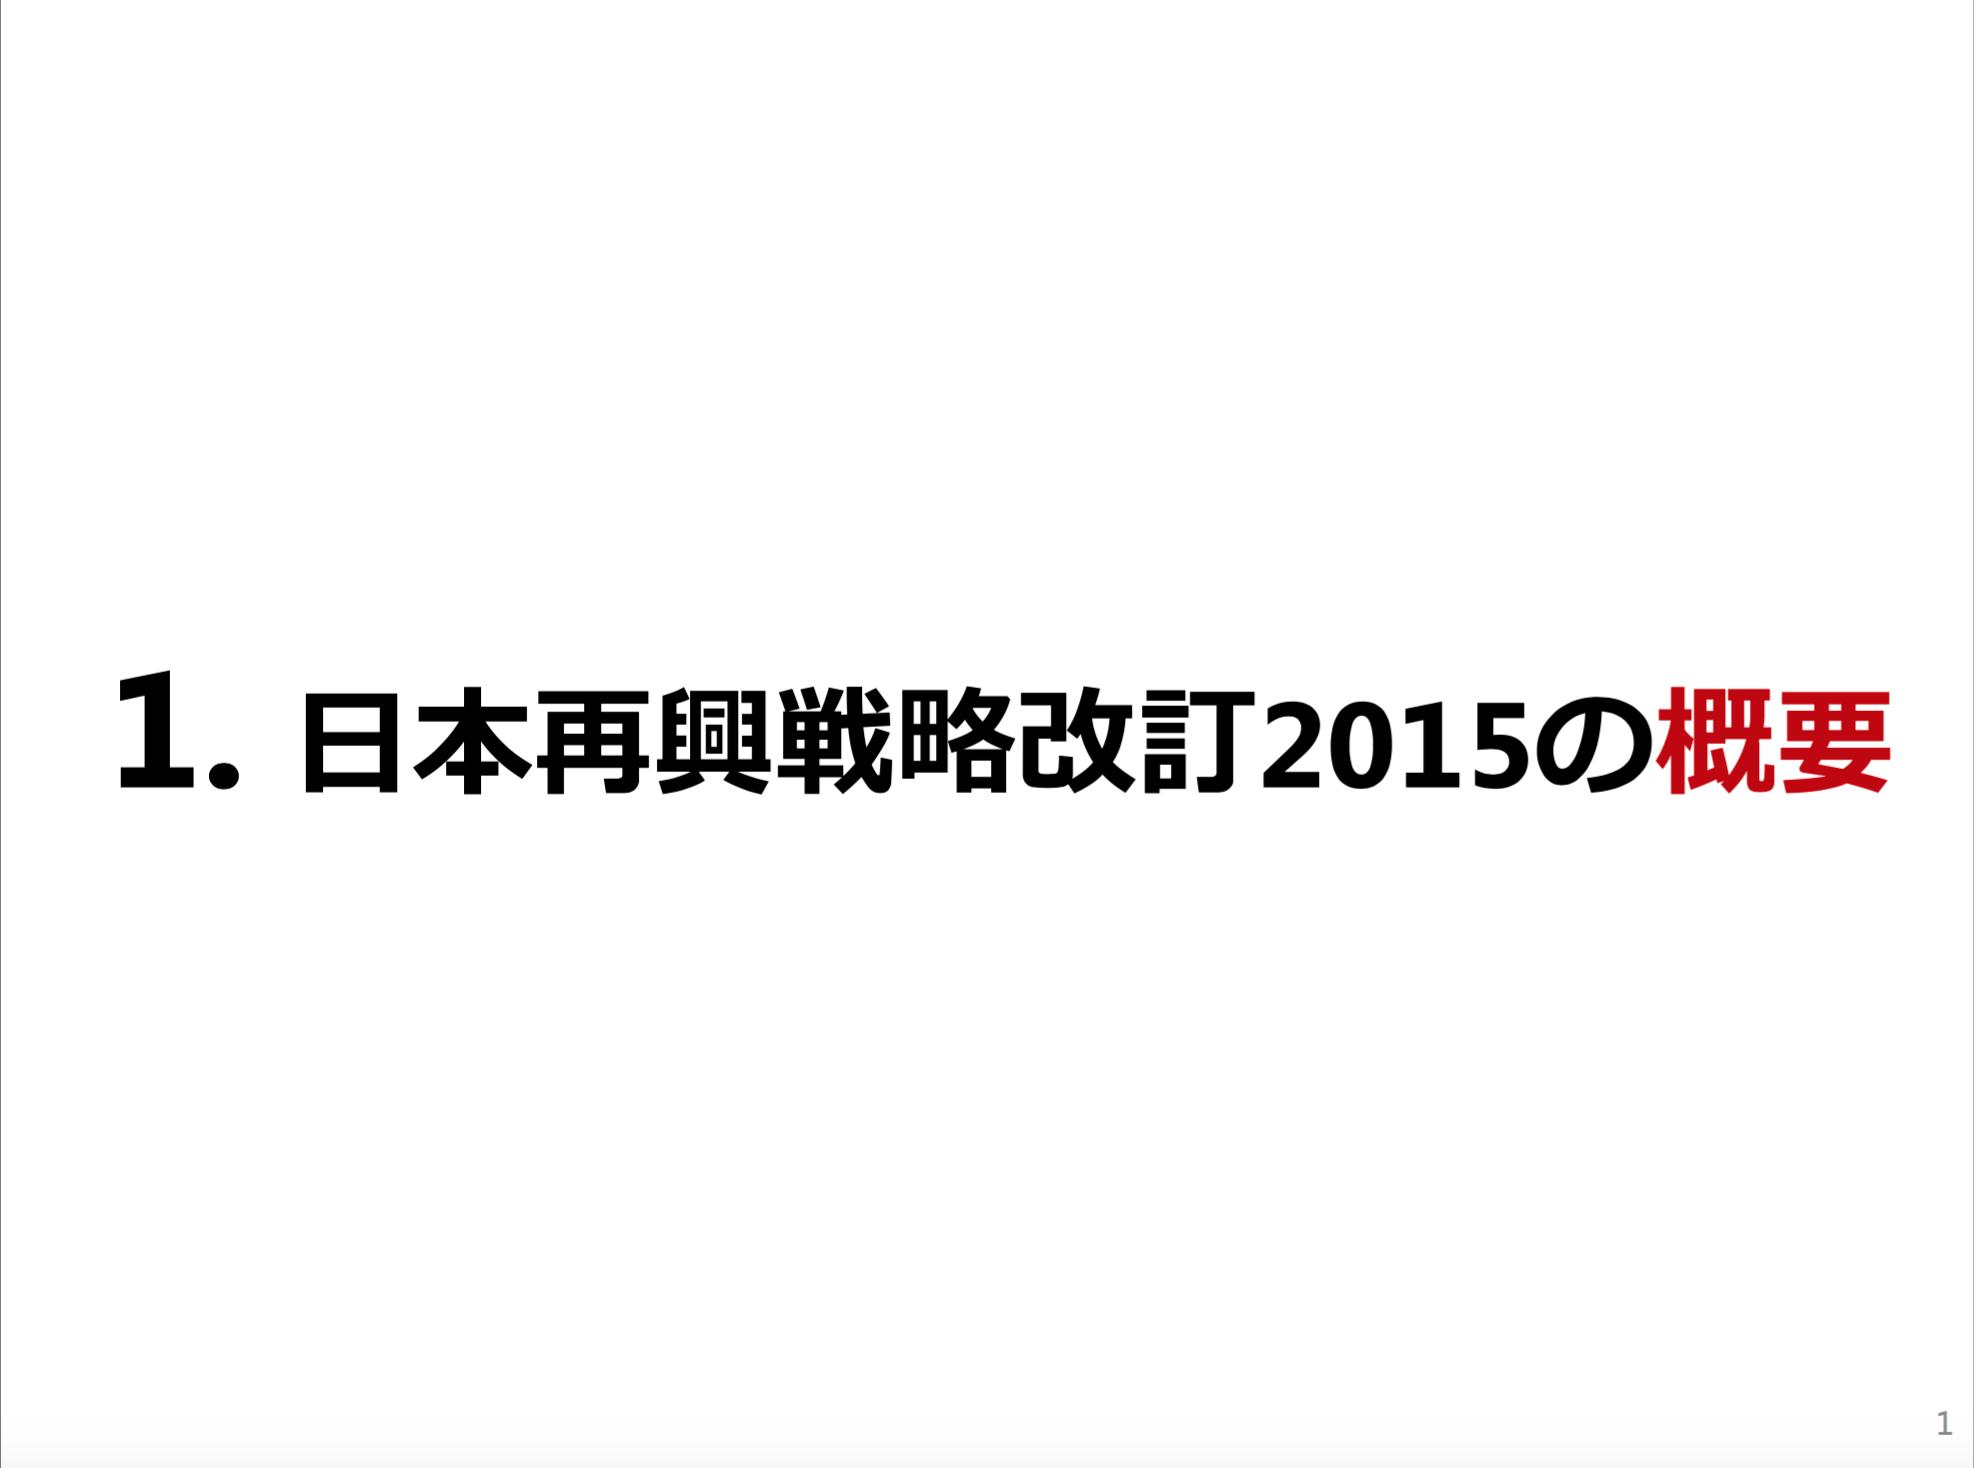 日本再興戦略2015ー1